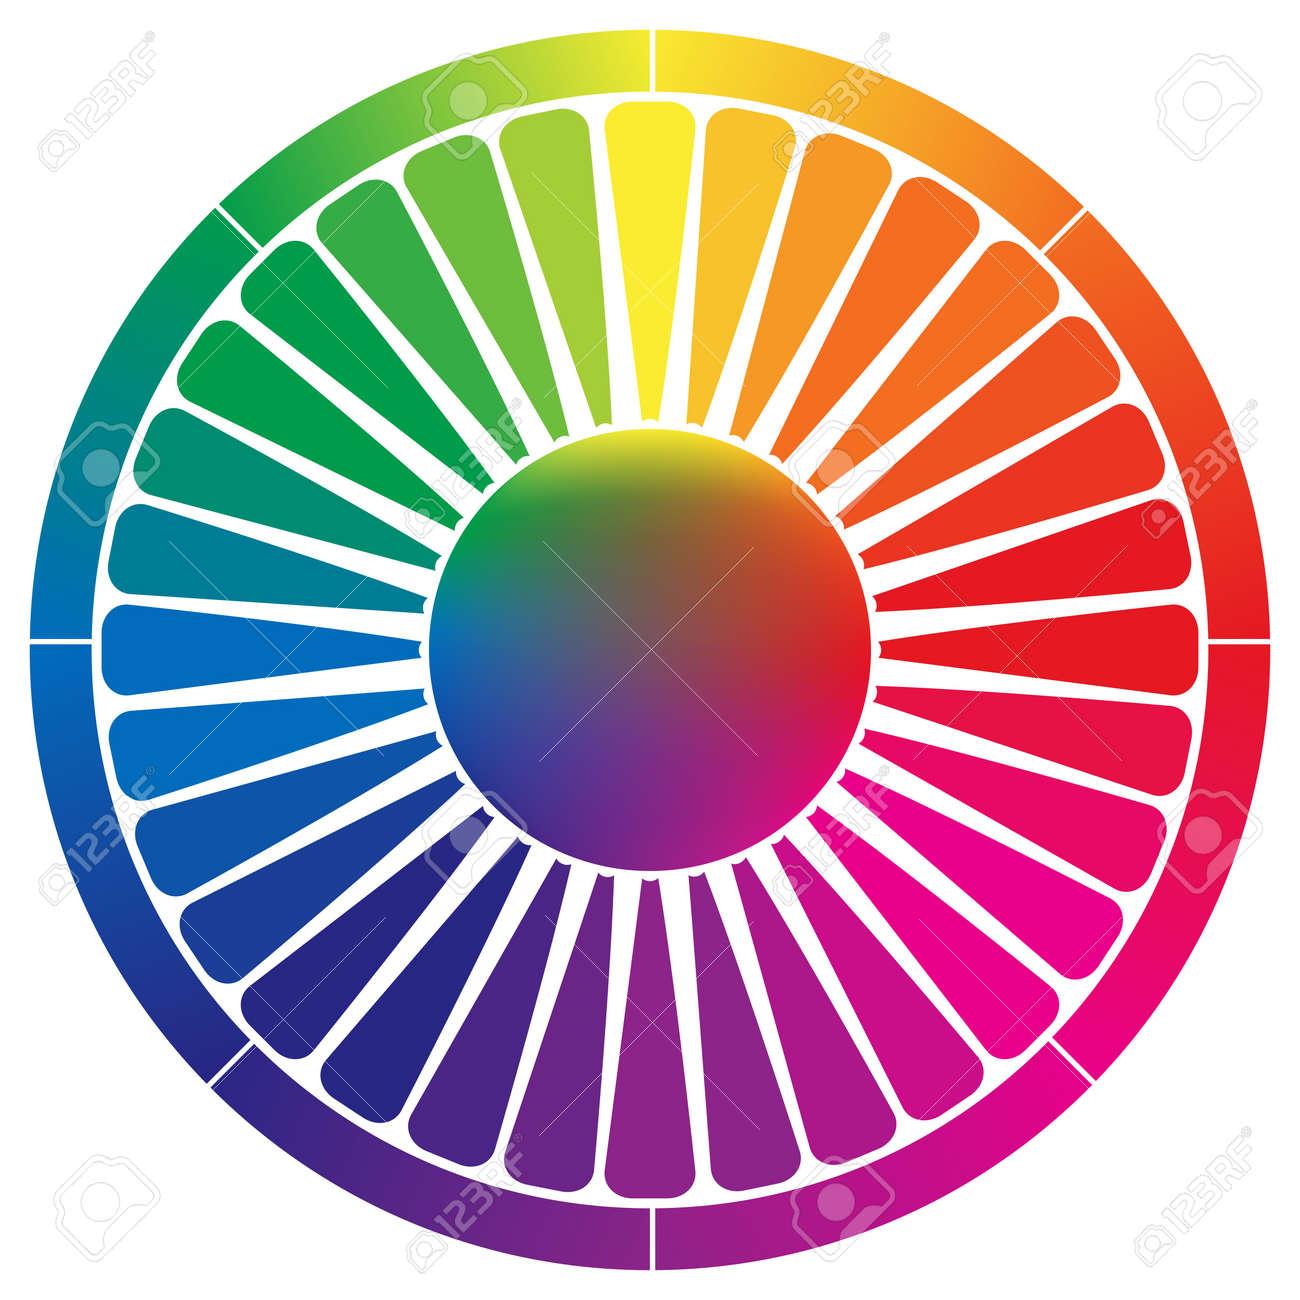 Paleta De Colores Abstracto Contra El Fondo Blanco, Ilustración ...